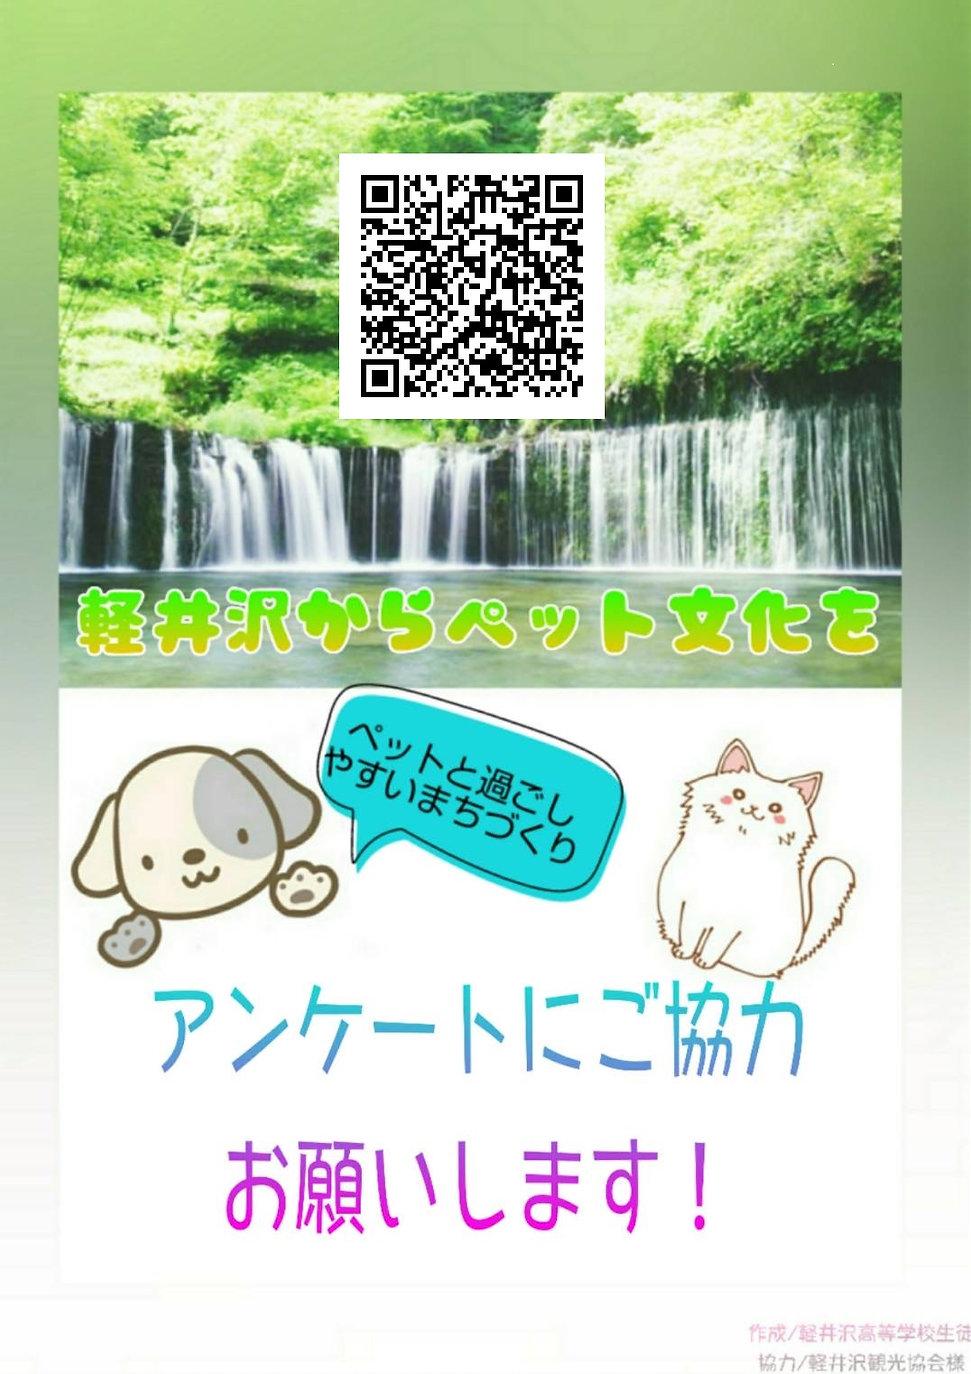 軽井沢からペット文化を.jpg